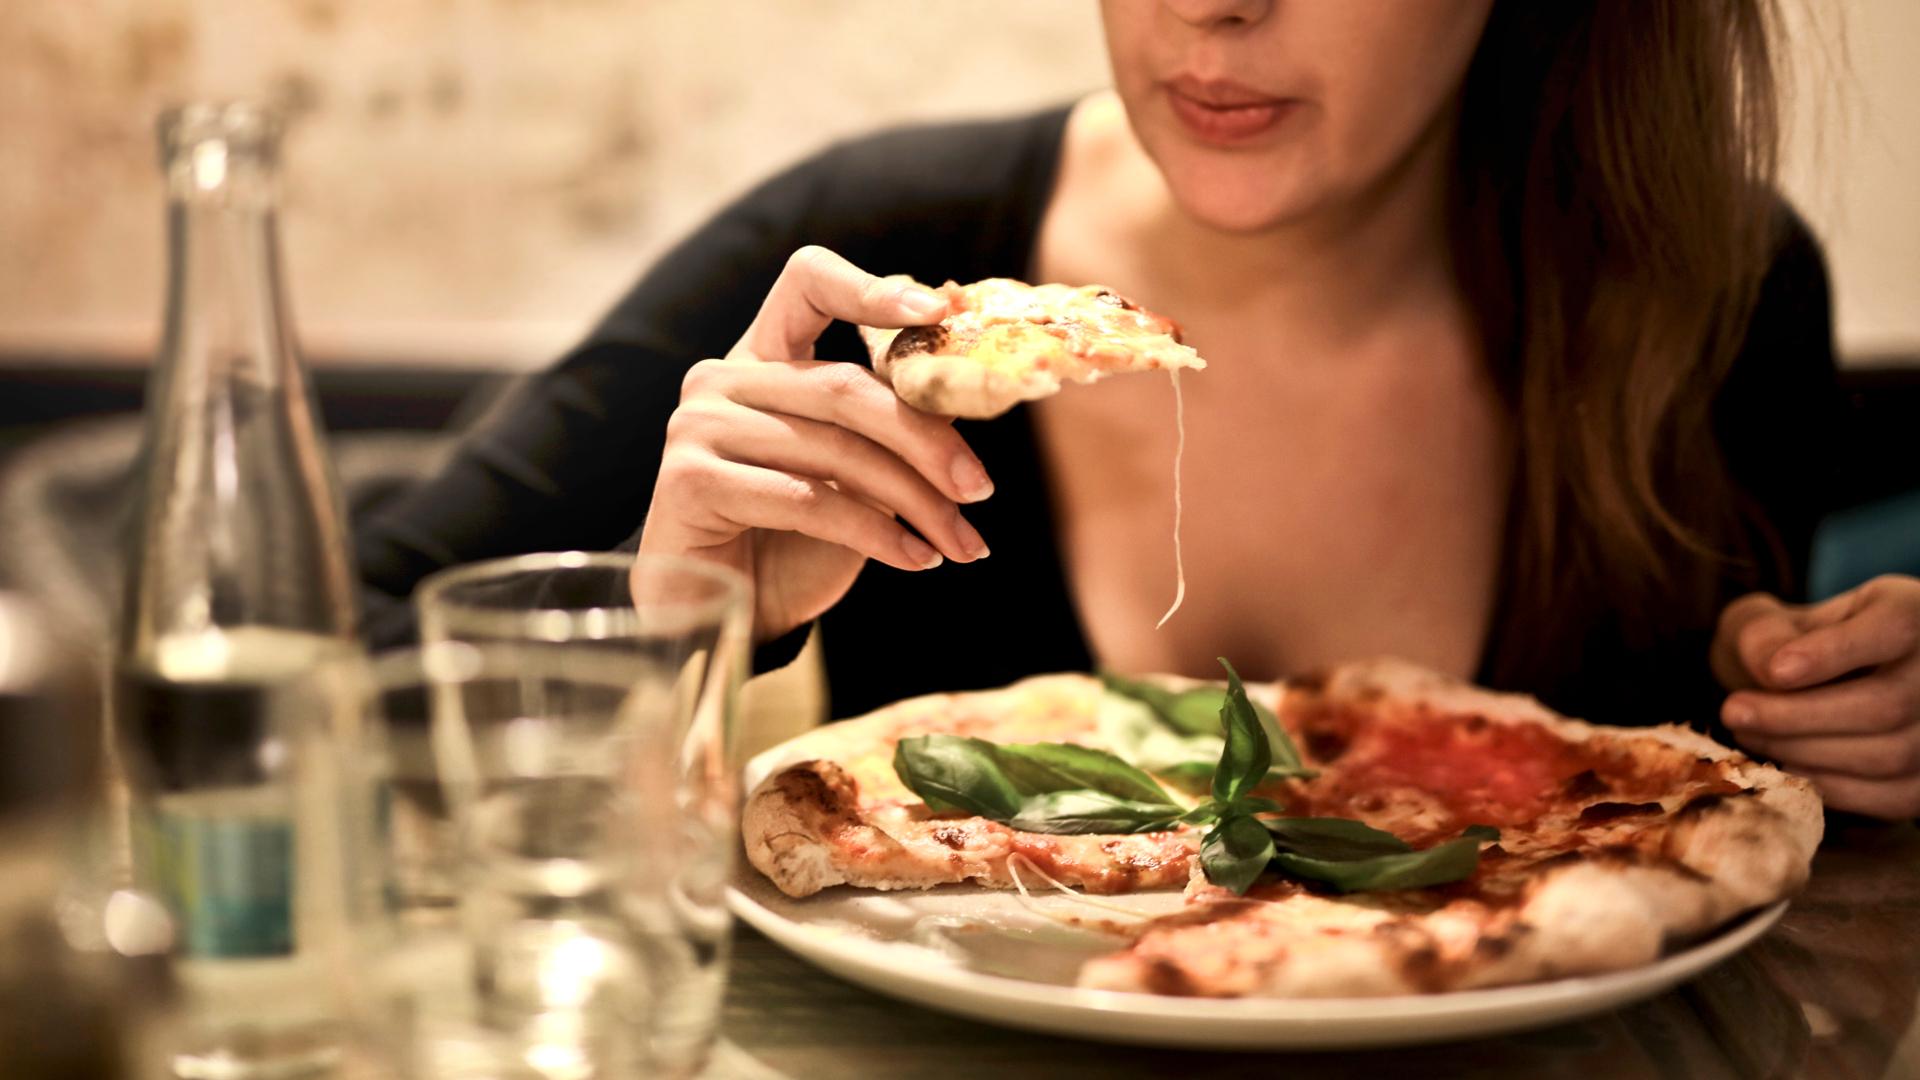 se-recomienda-masticar-la-comida-hasta-40-veces-1920